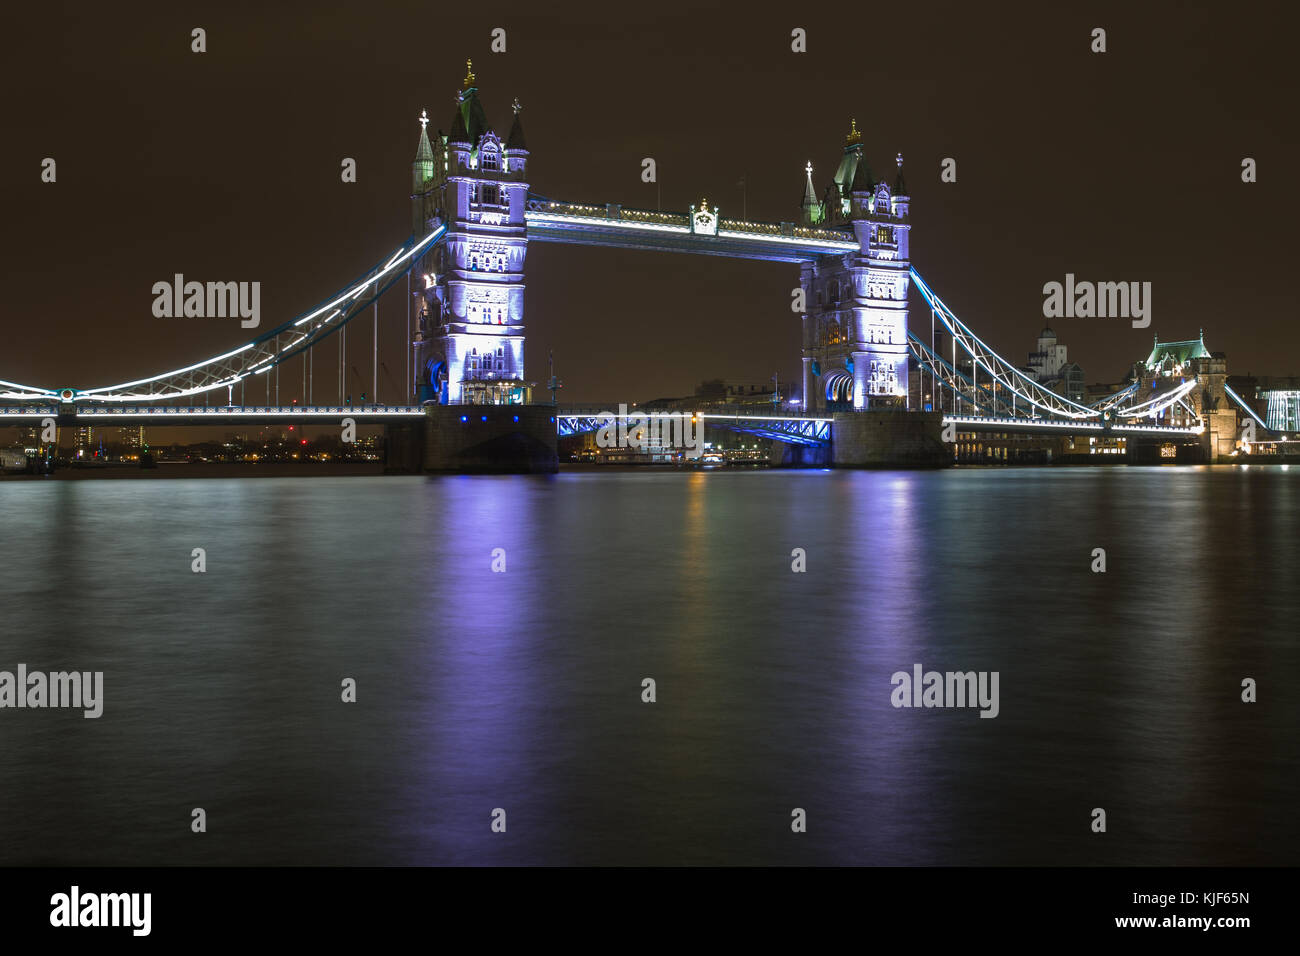 Die Tower Bridge über die Themse in der Nacht beleuchtet in Lila mit Reflexion im Wasser - London, Großbritannien Stockbild